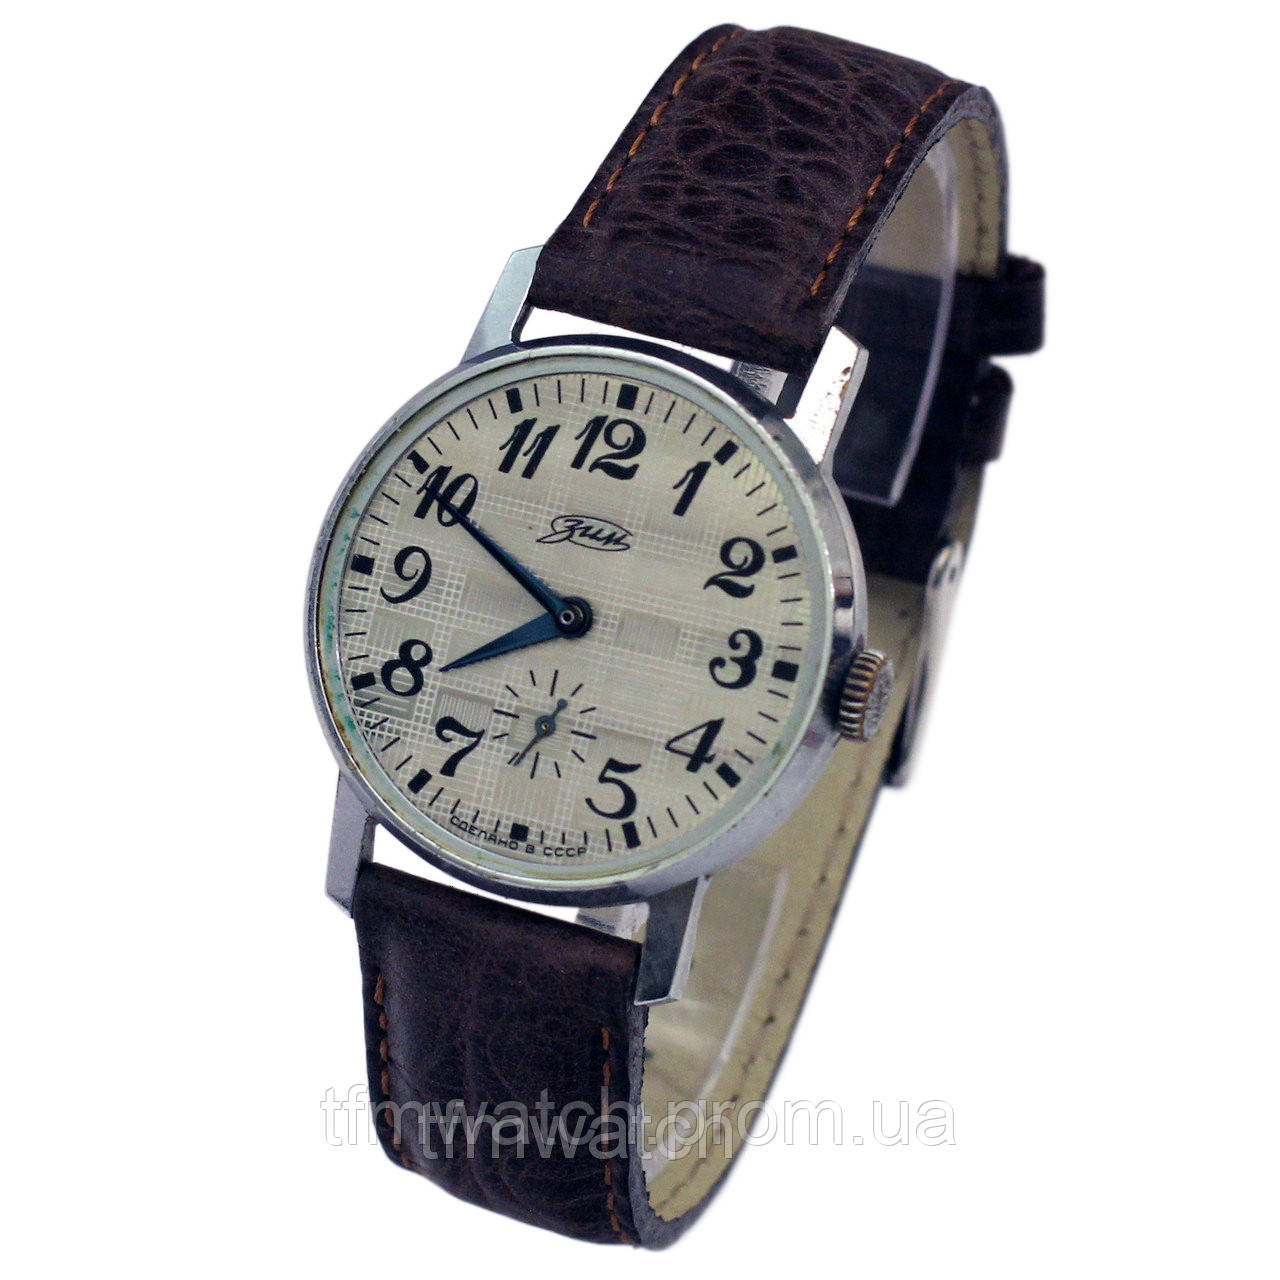 Зим продать часы константин, часы вашерон продать